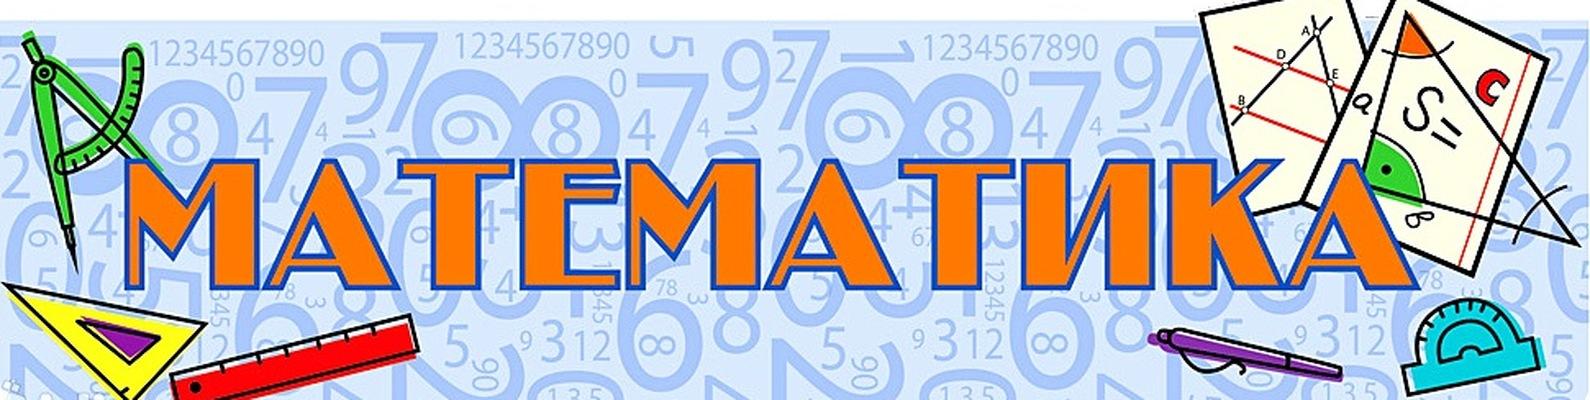 Красивая надпись математика картинки